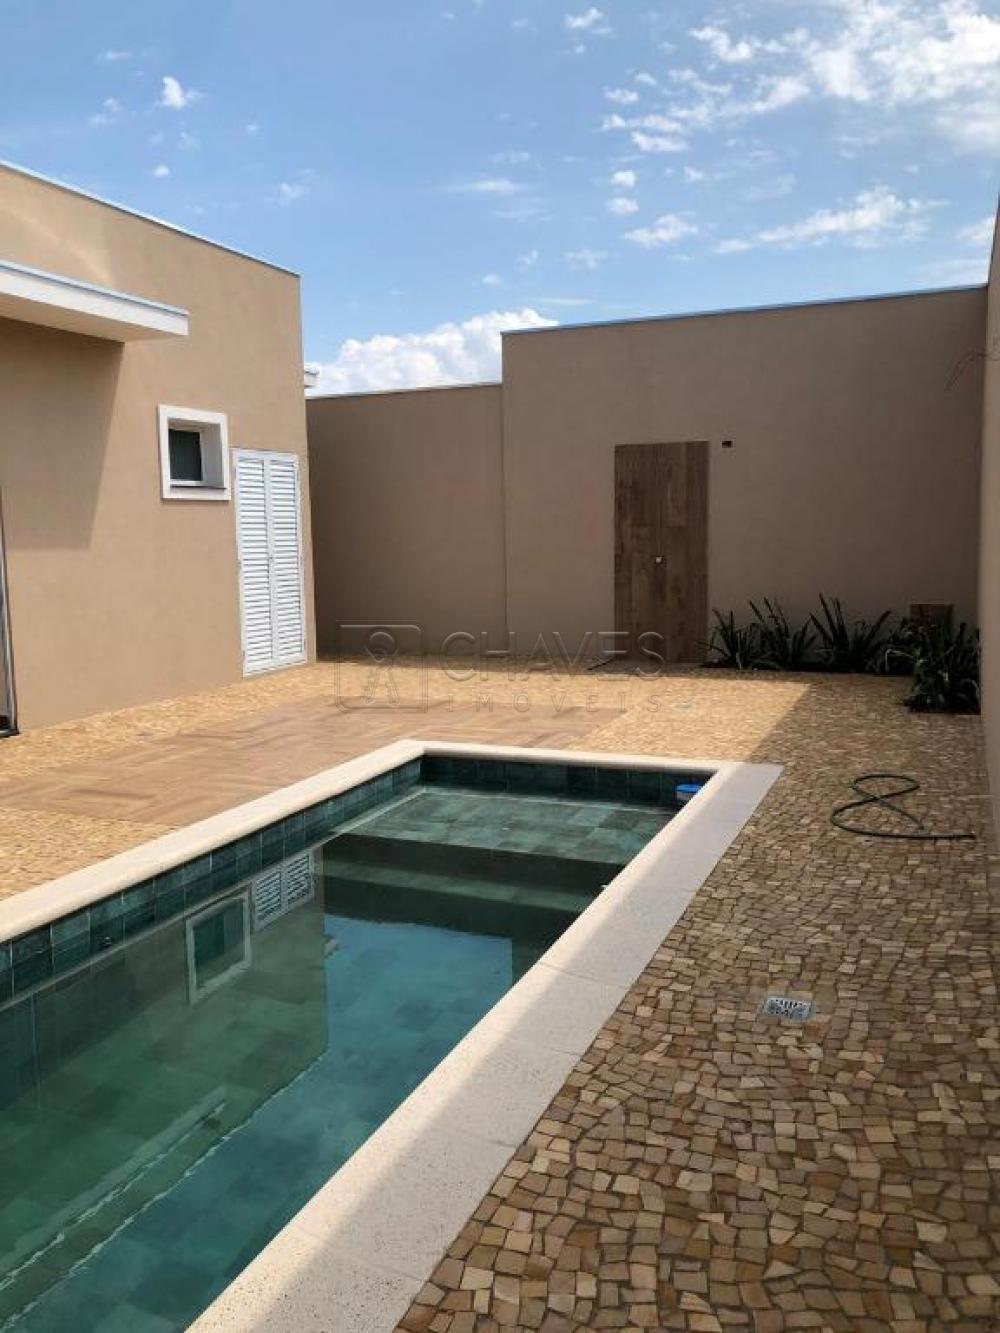 Comprar Casa / Condomínio em Ribeirão Preto apenas R$ 860.000,00 - Foto 12